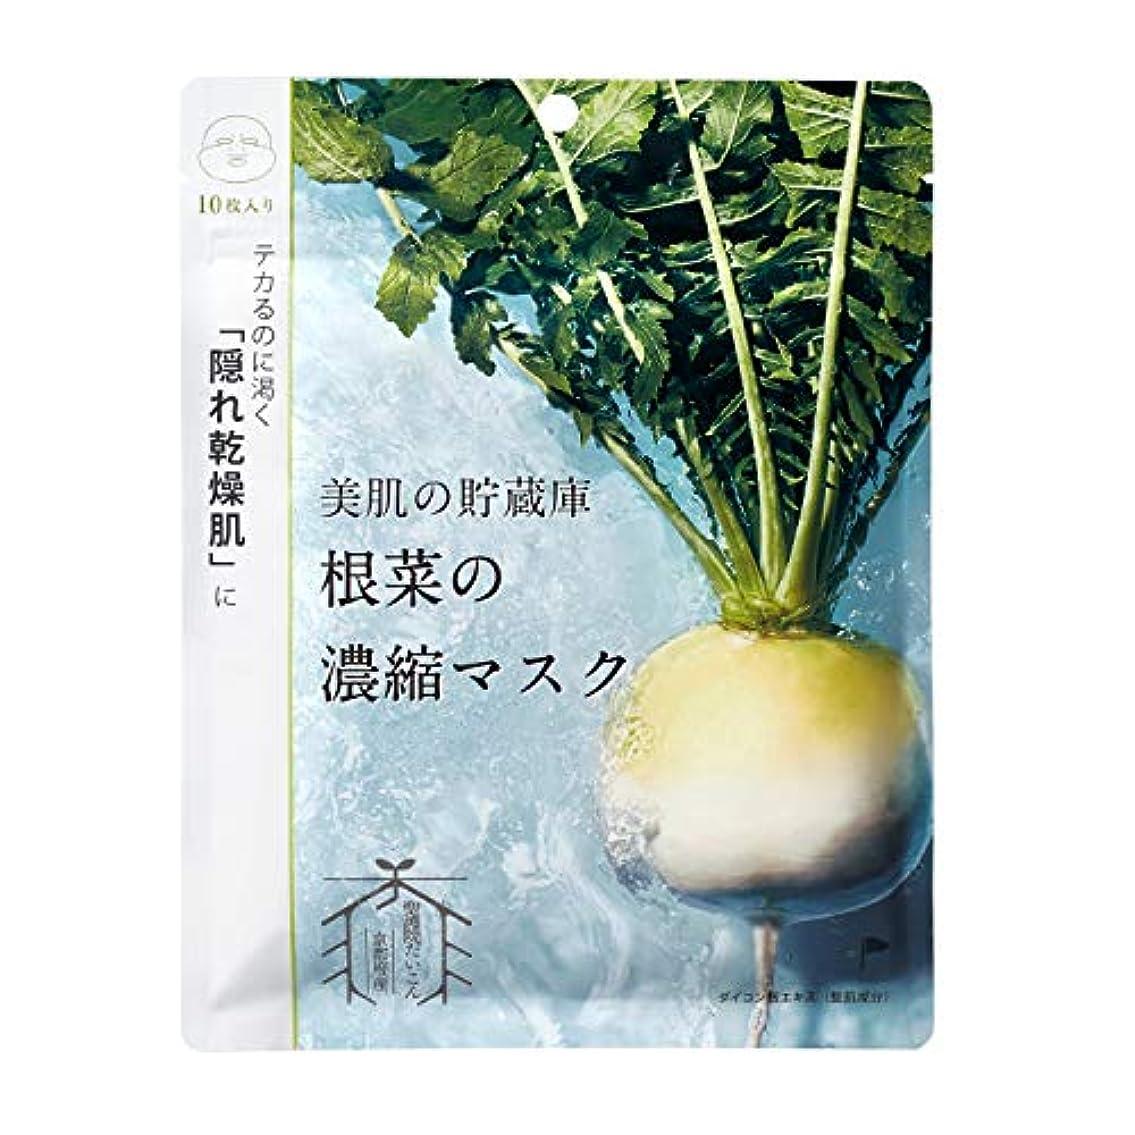 夢中概要連合@cosme nippon 美肌の貯蔵庫 根菜の濃縮マスク 聖護院だいこん 10枚入 148ml